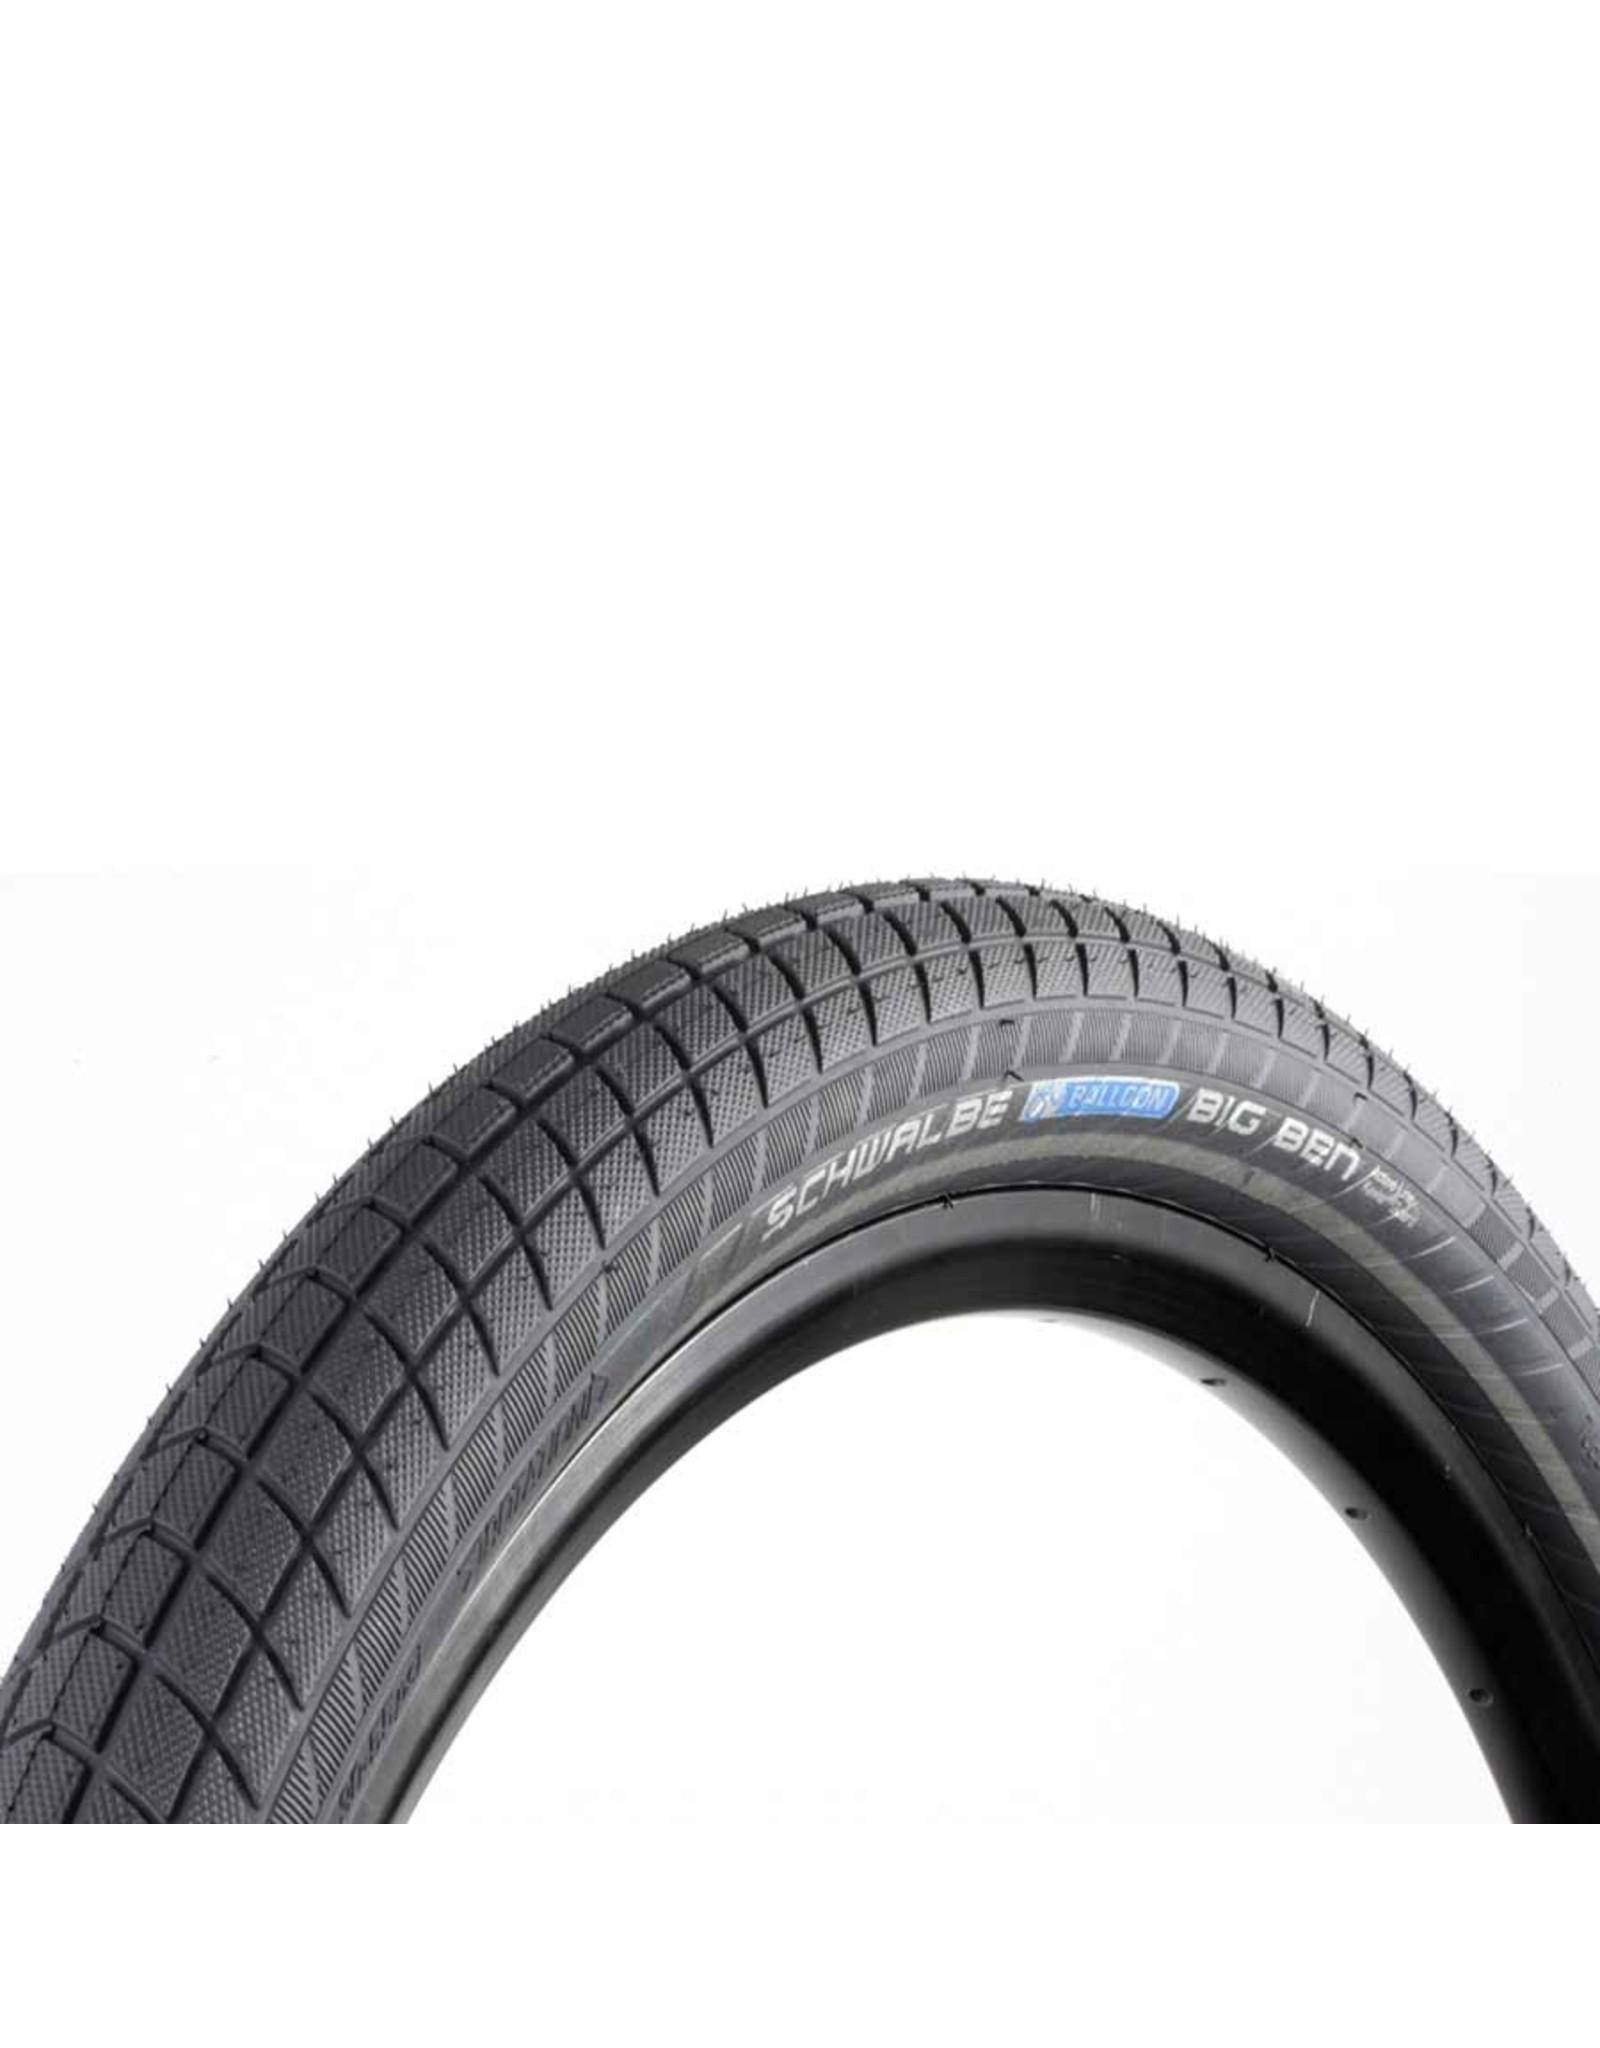 Schwalbe, Big Ben, tire, 27.5''x2.00, wire